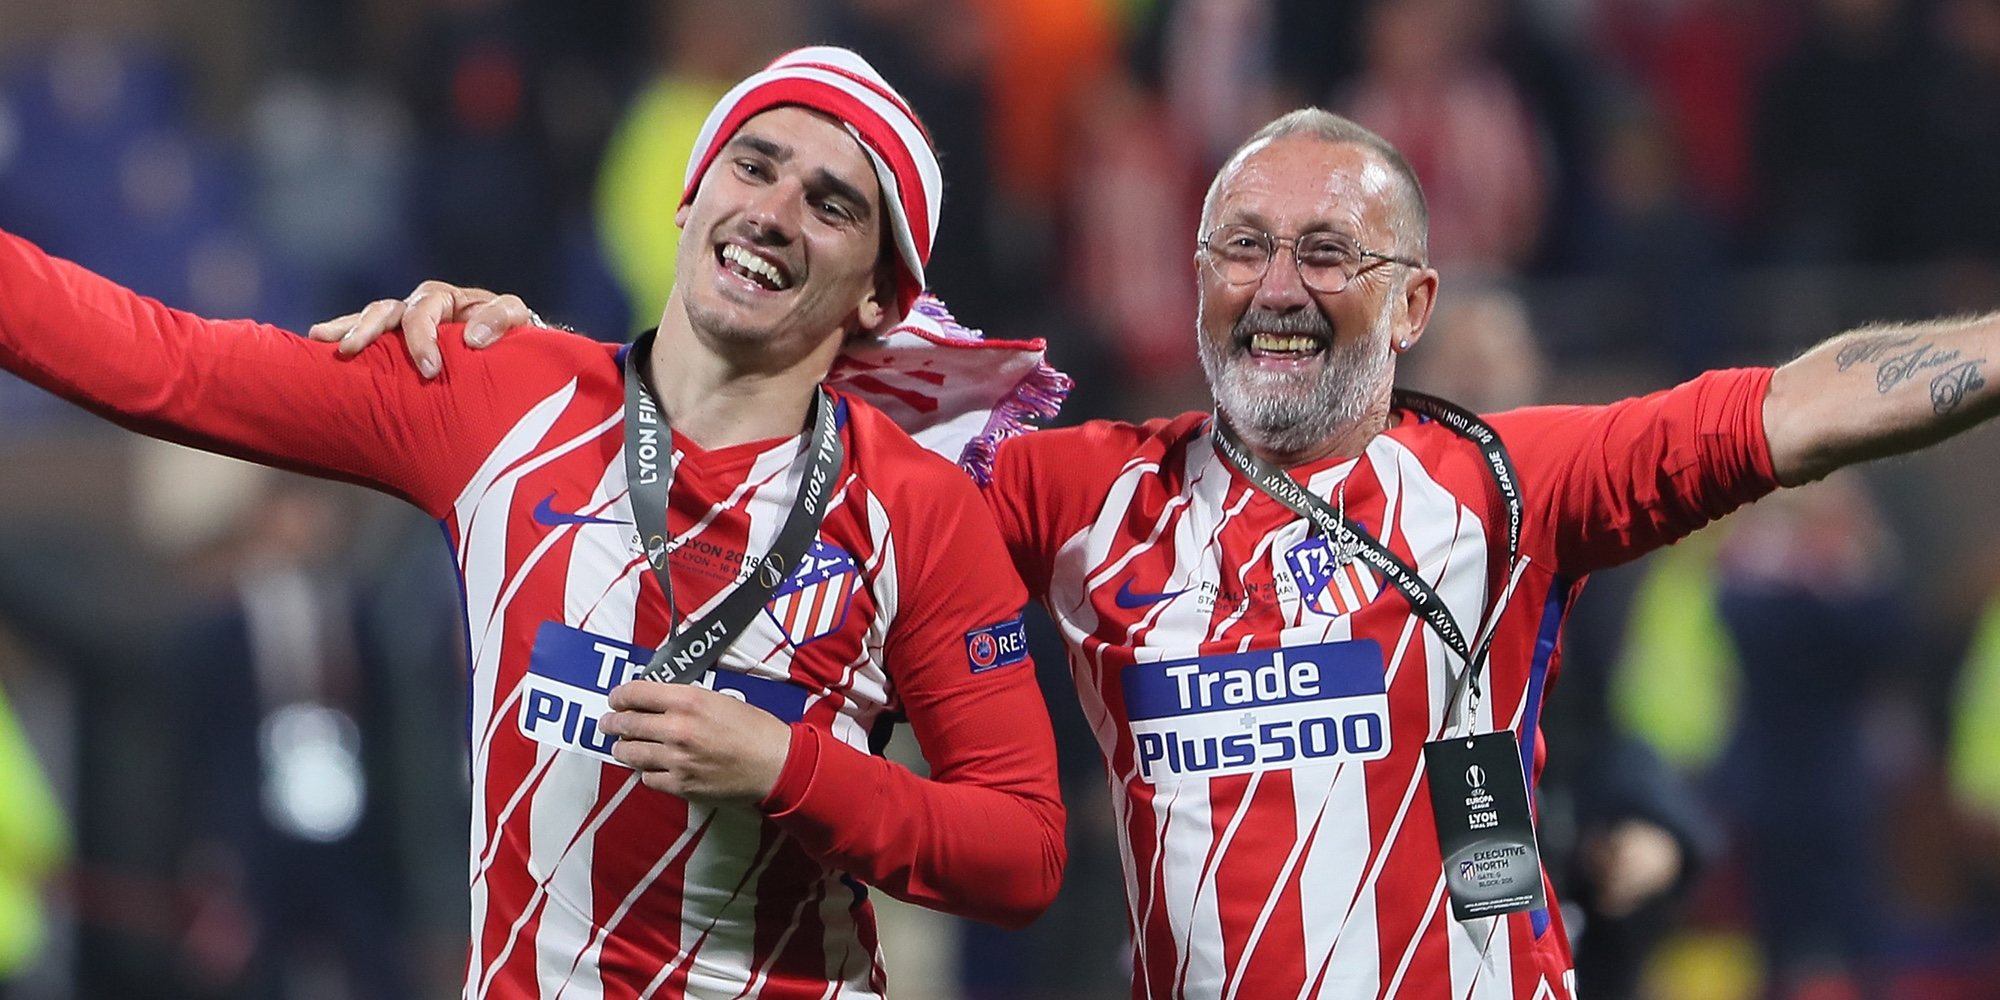 Antoine Griezmann celebra la victoria del Atlético de Madrid cuando su continuidad en el club peligra